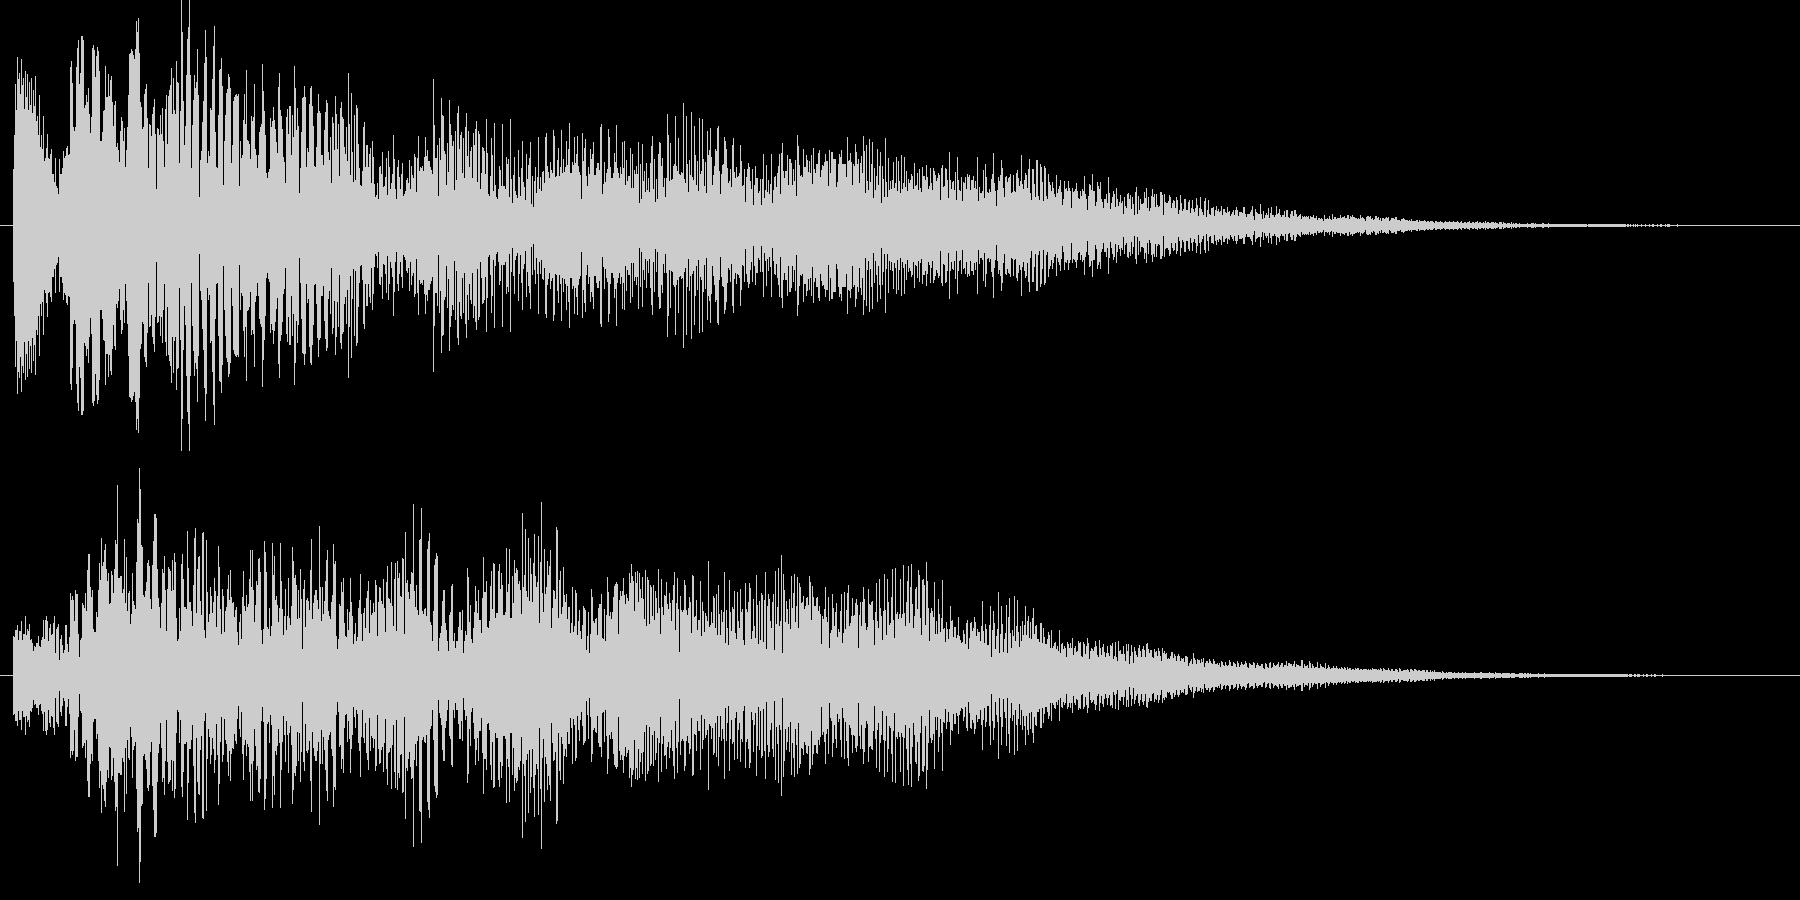 ポロリローン(低音デジタルチャイム)の未再生の波形